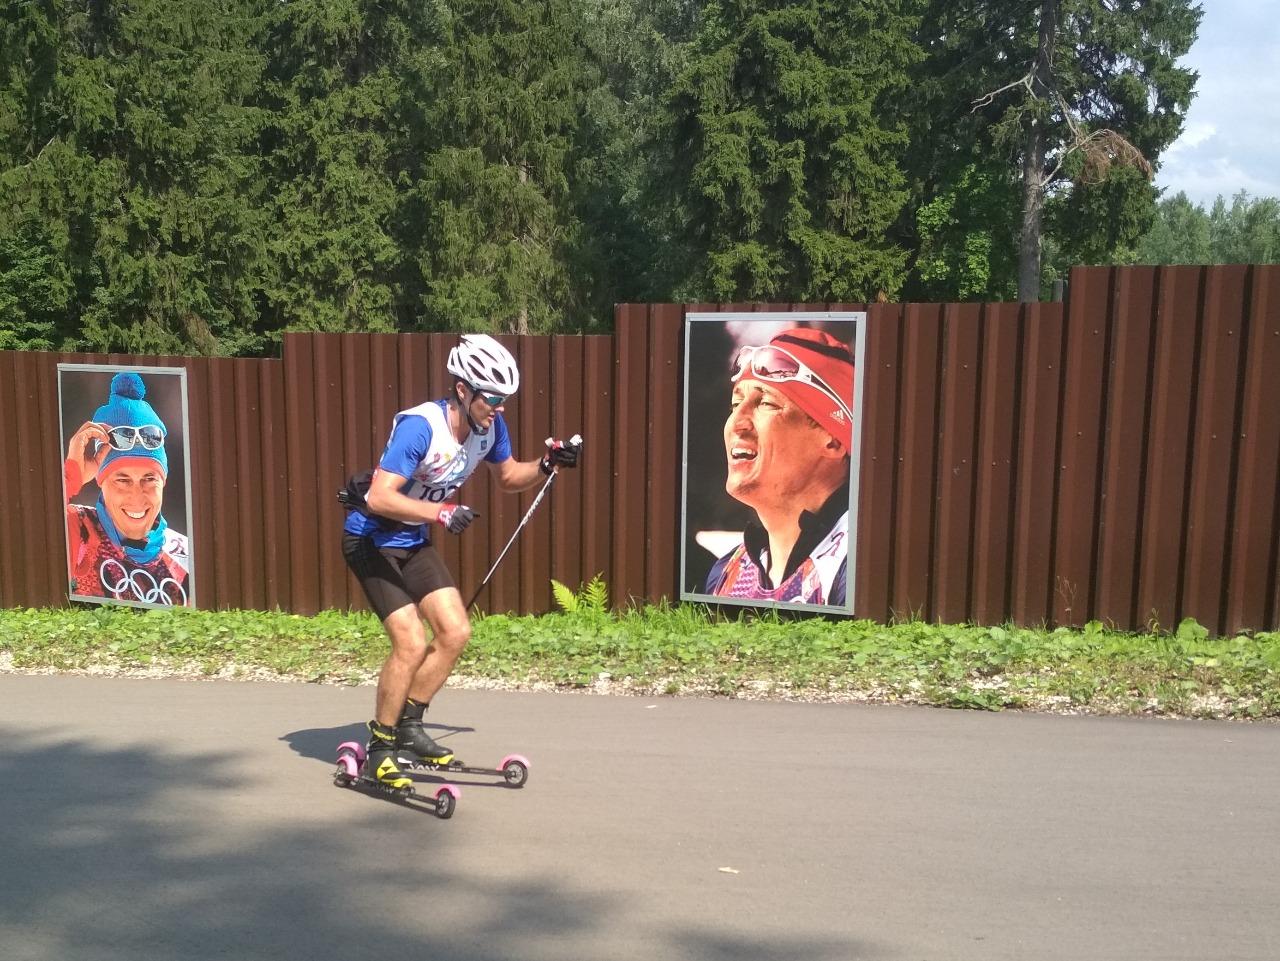 Даже взгляд Легкова с плаката мотивирует